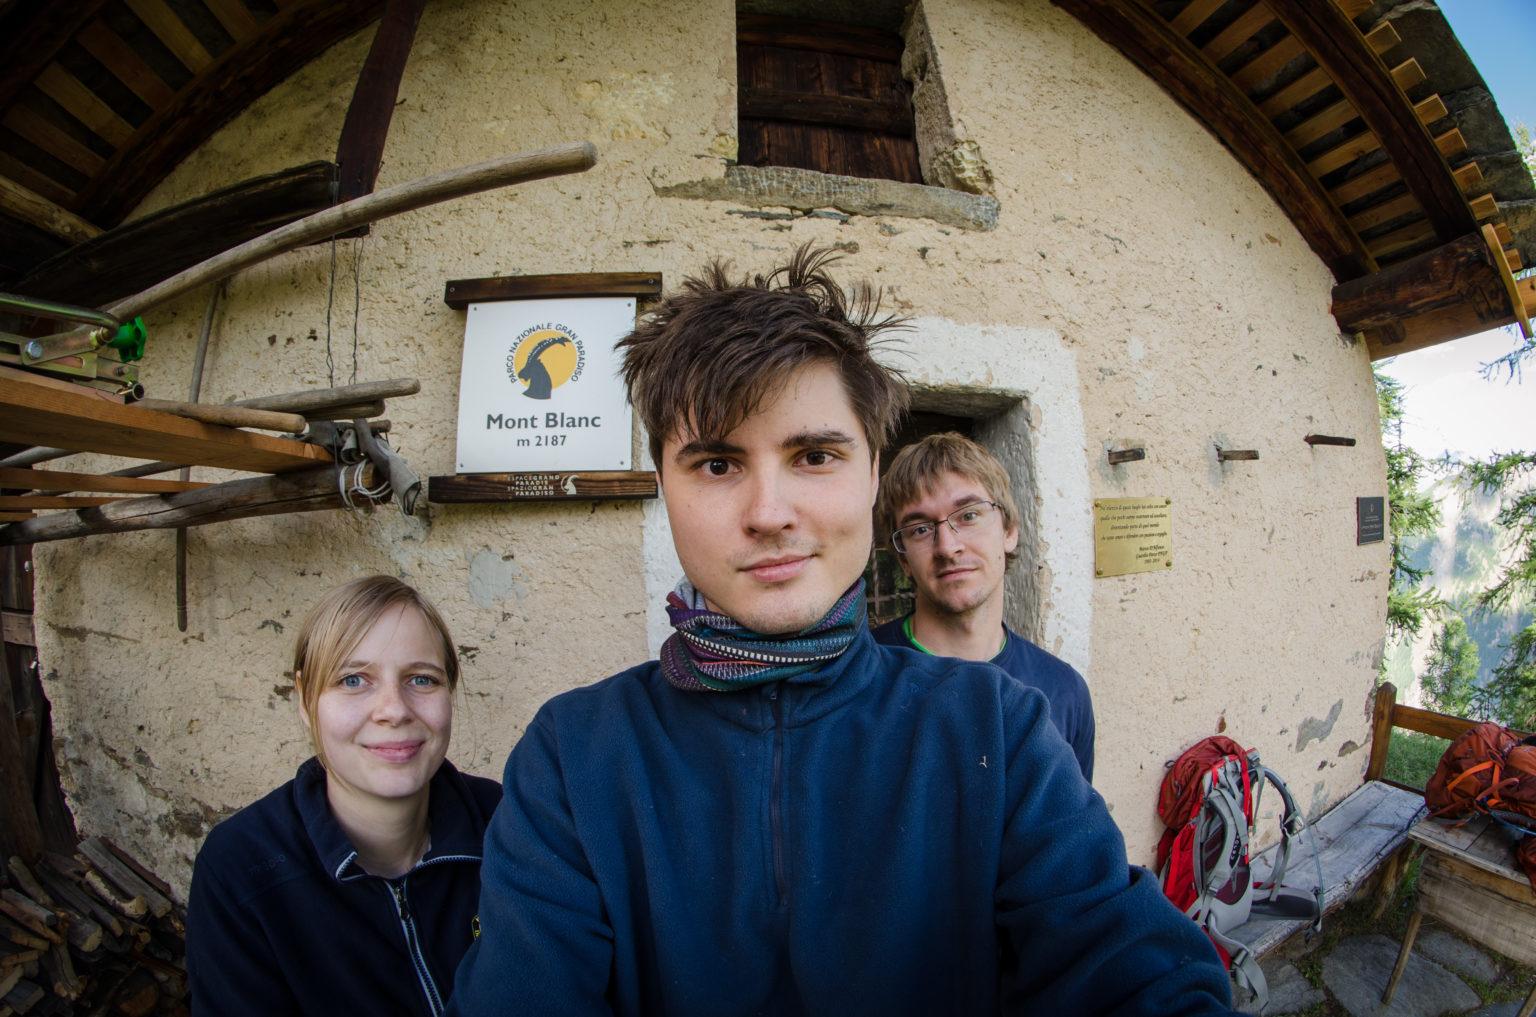 Osoby pod chatką pod Mont Blanc